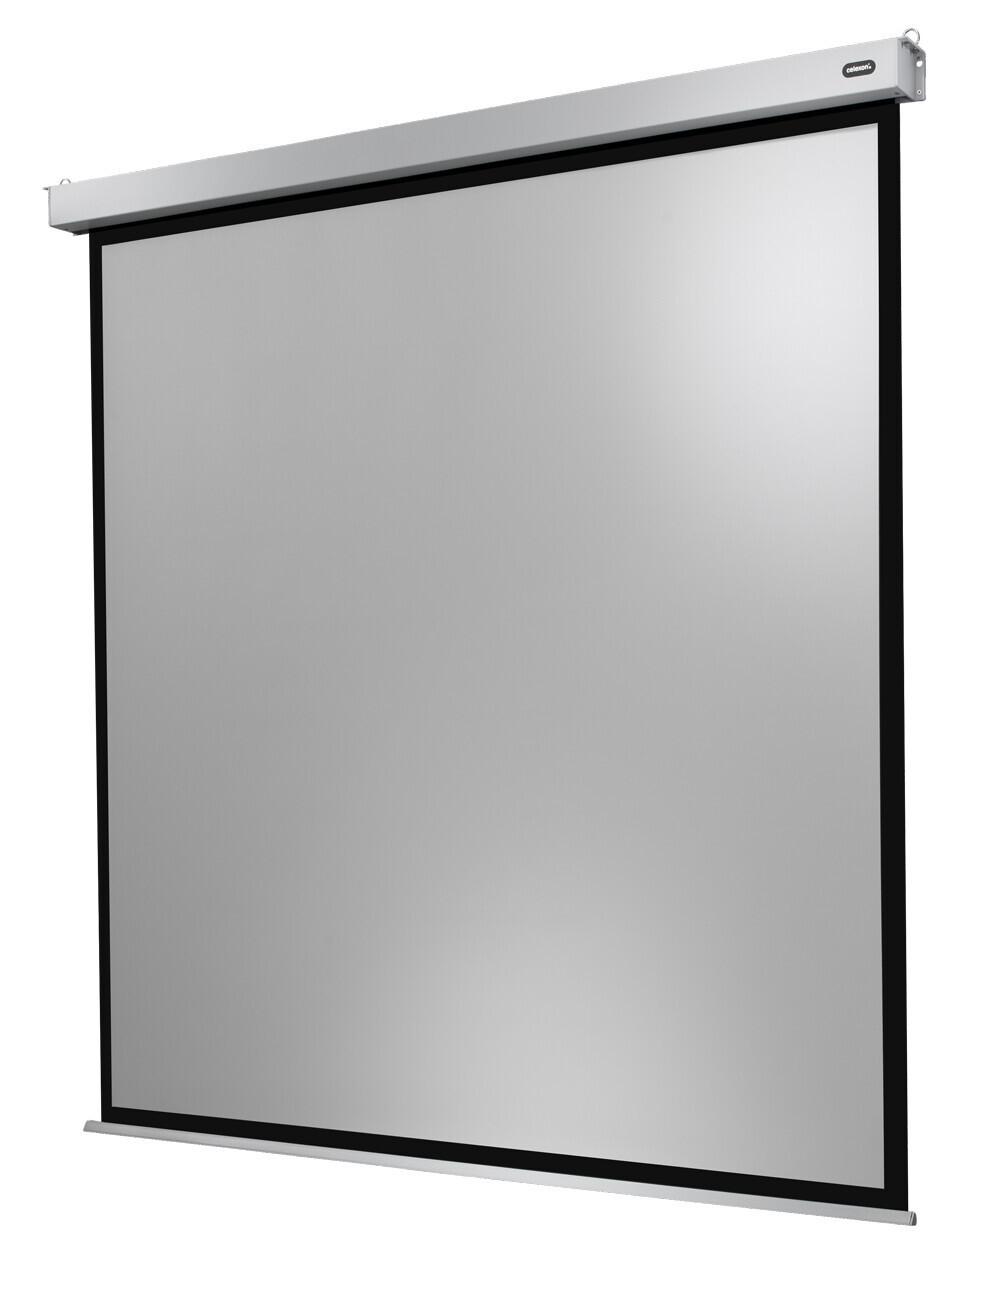 Ecran de projection celexon Motorisé PRO PLUS 200 x 200cm